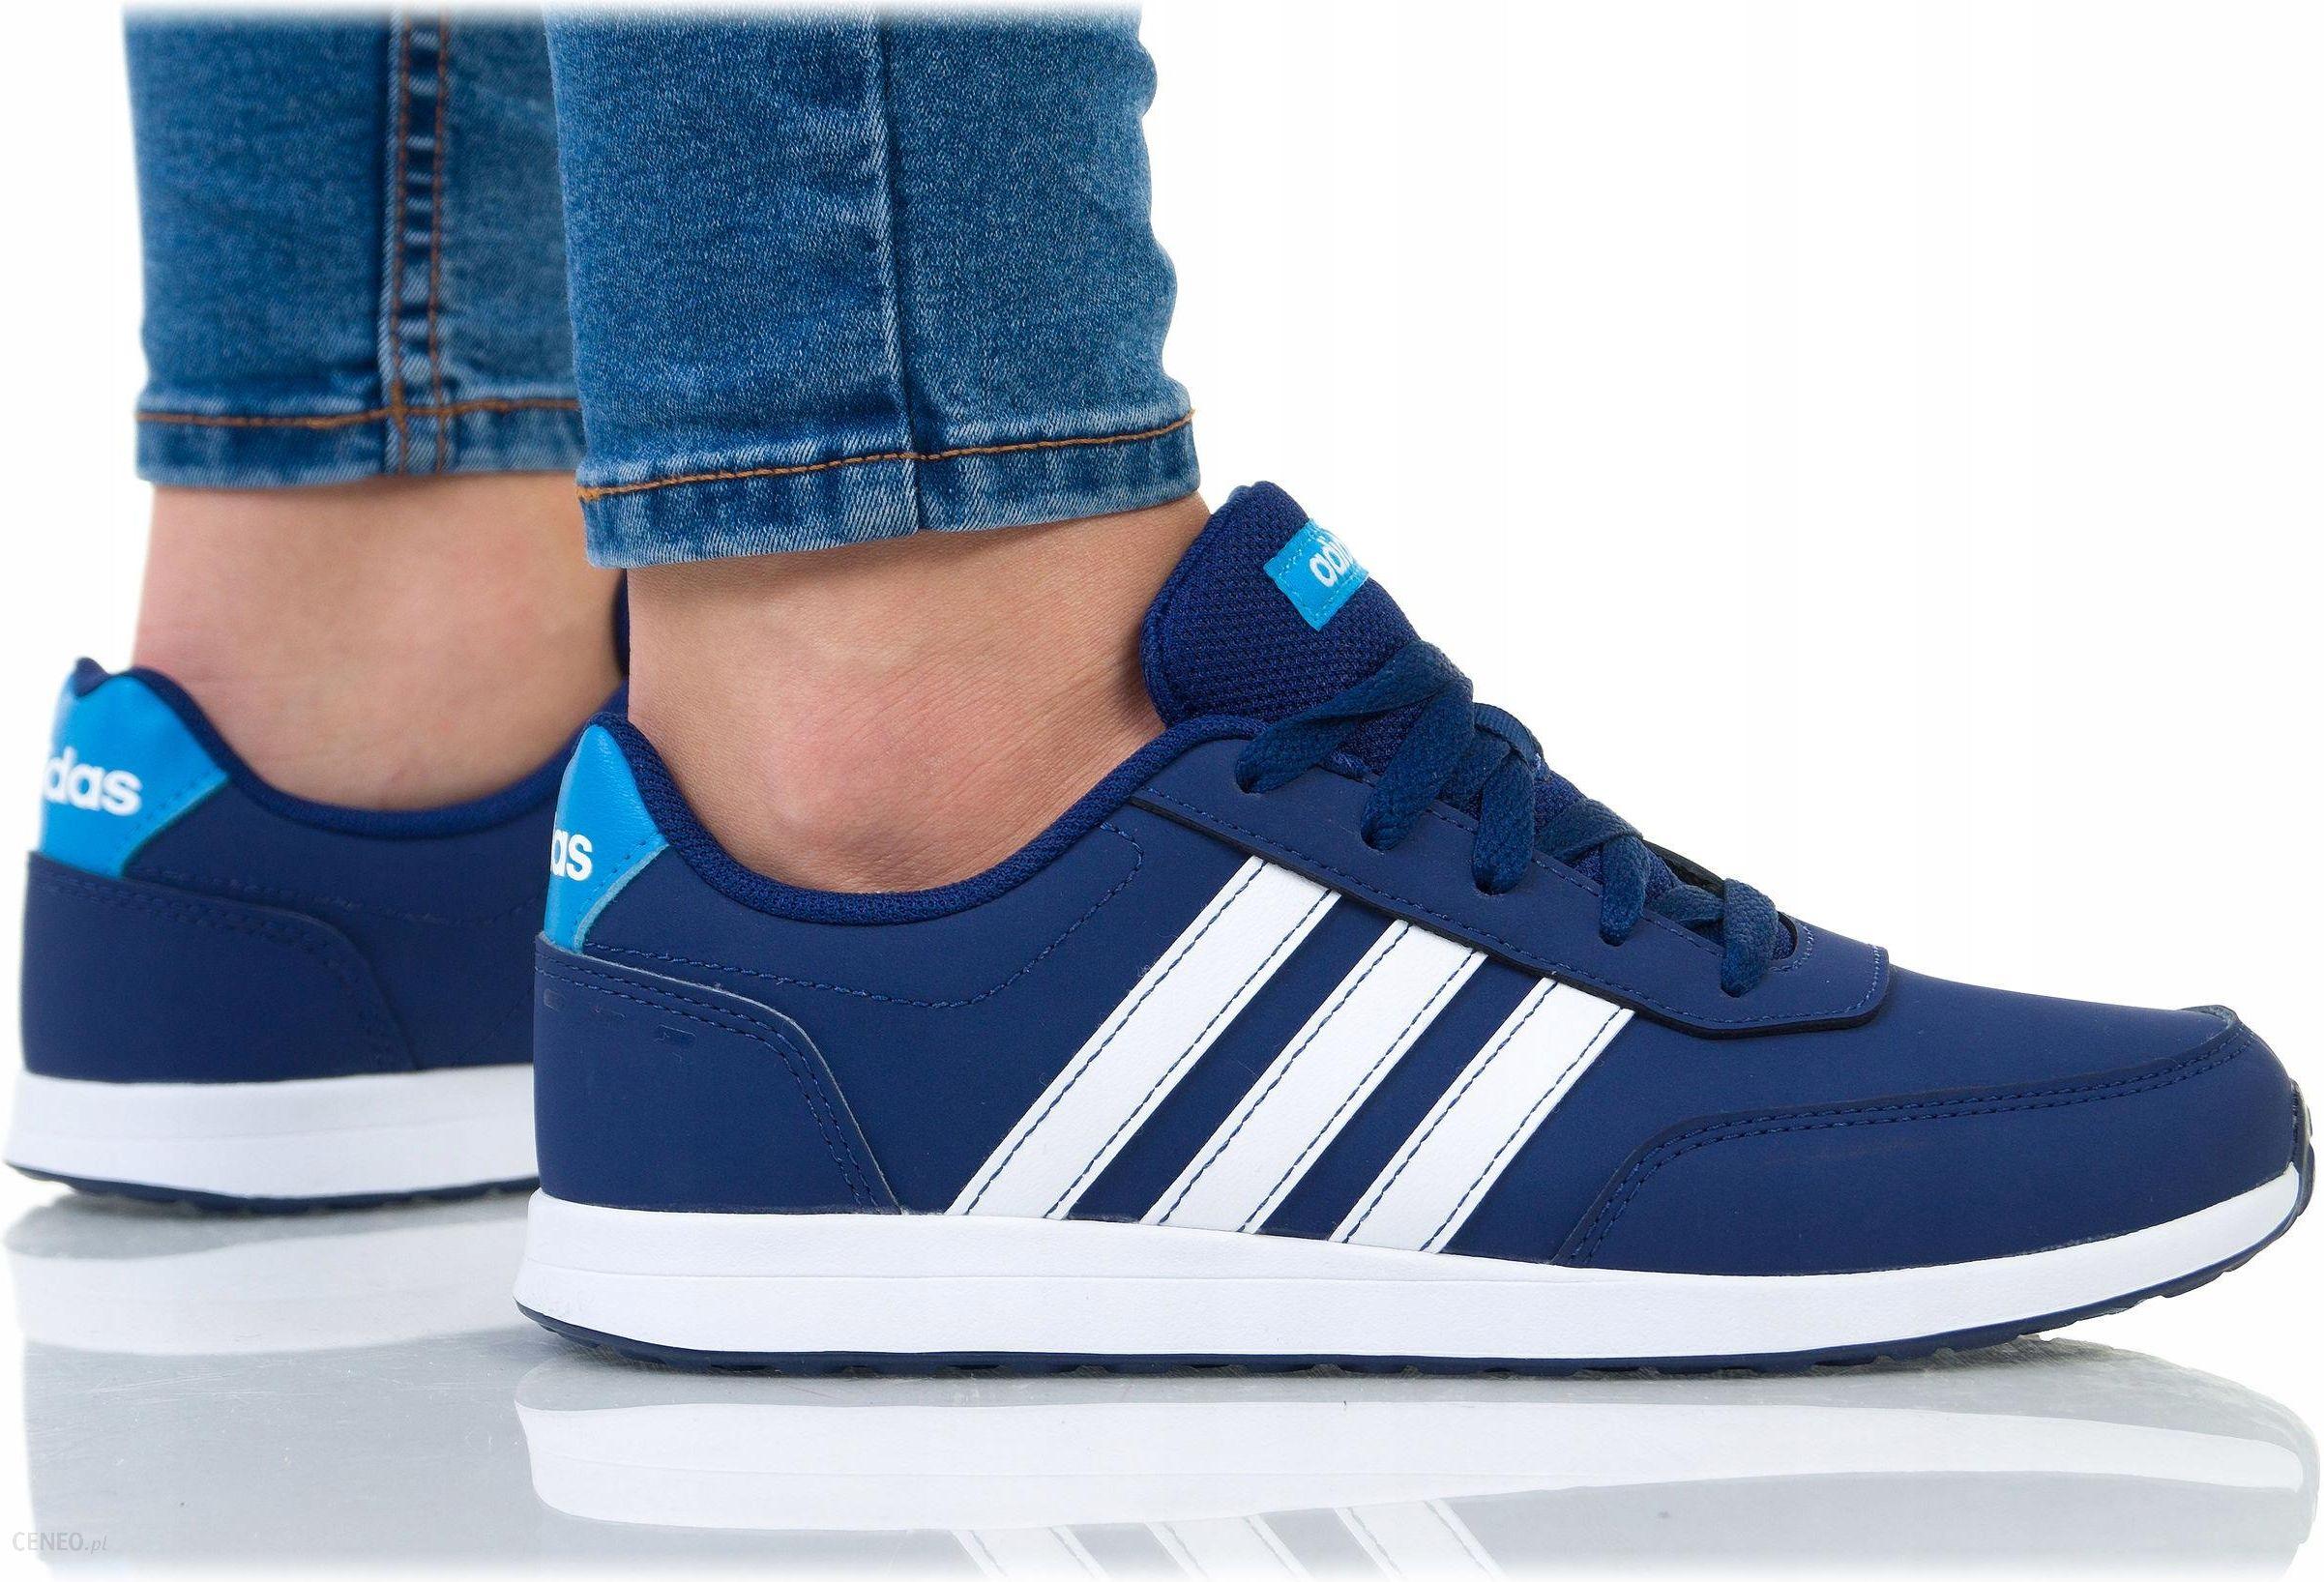 22b4ed576 Buty Adidas Damskie Vs Switch 2 K G26871 Granatowe - Ceny i opinie ...